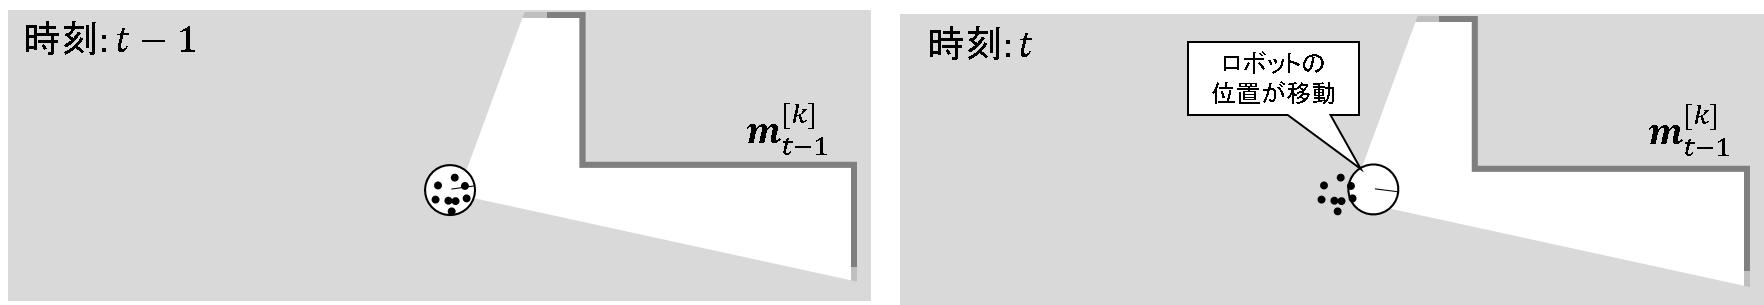 71_FastSLAM1.0_前提.png